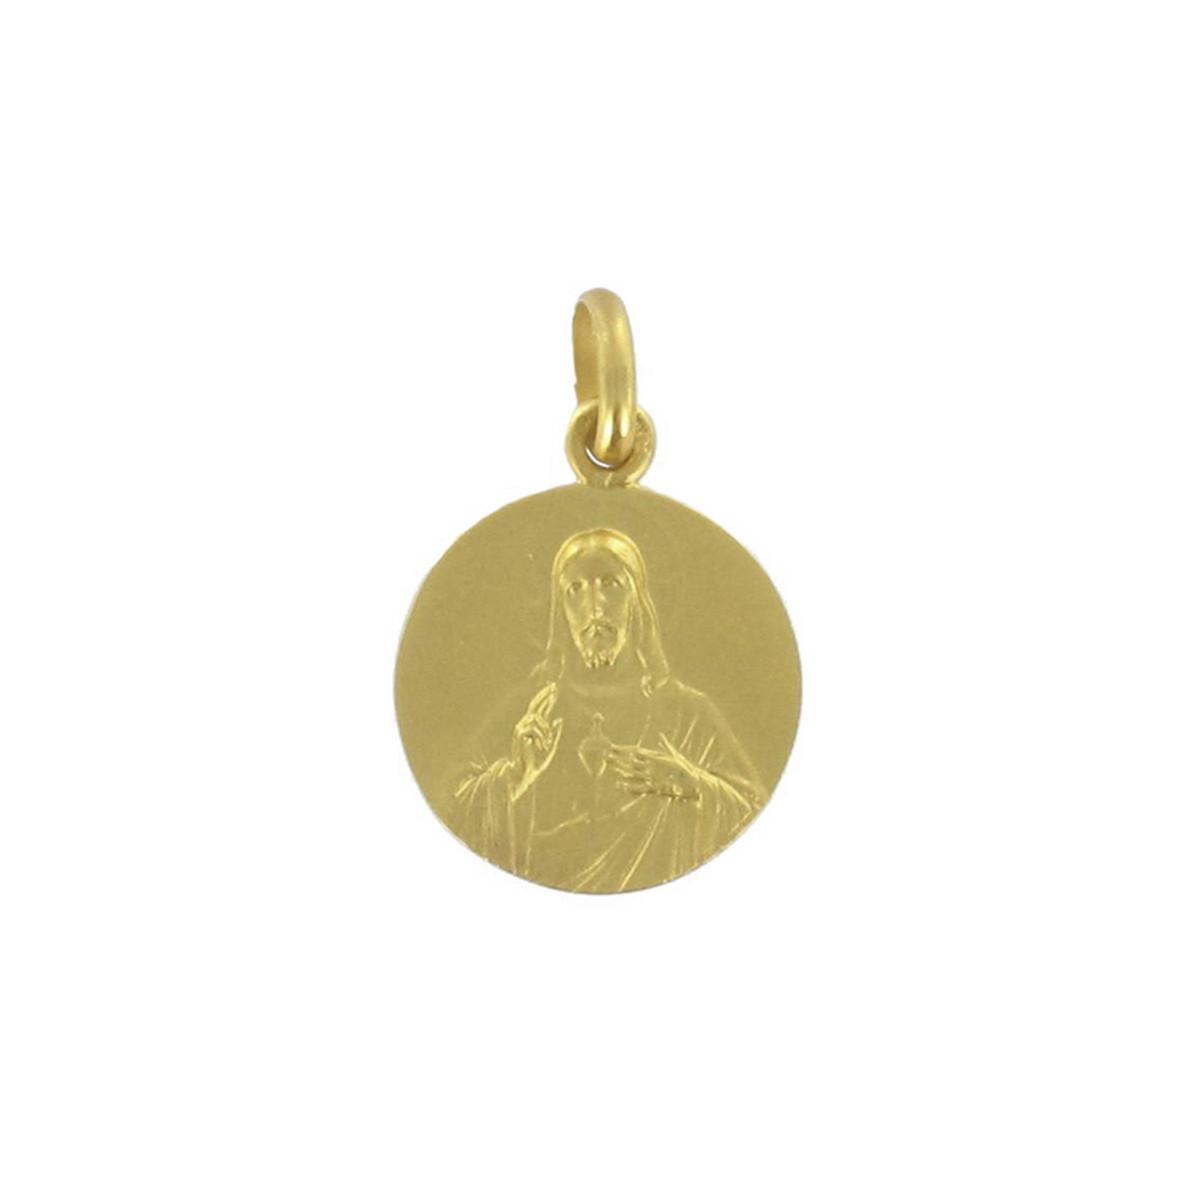 GOLD SCAPULAR 16 MM